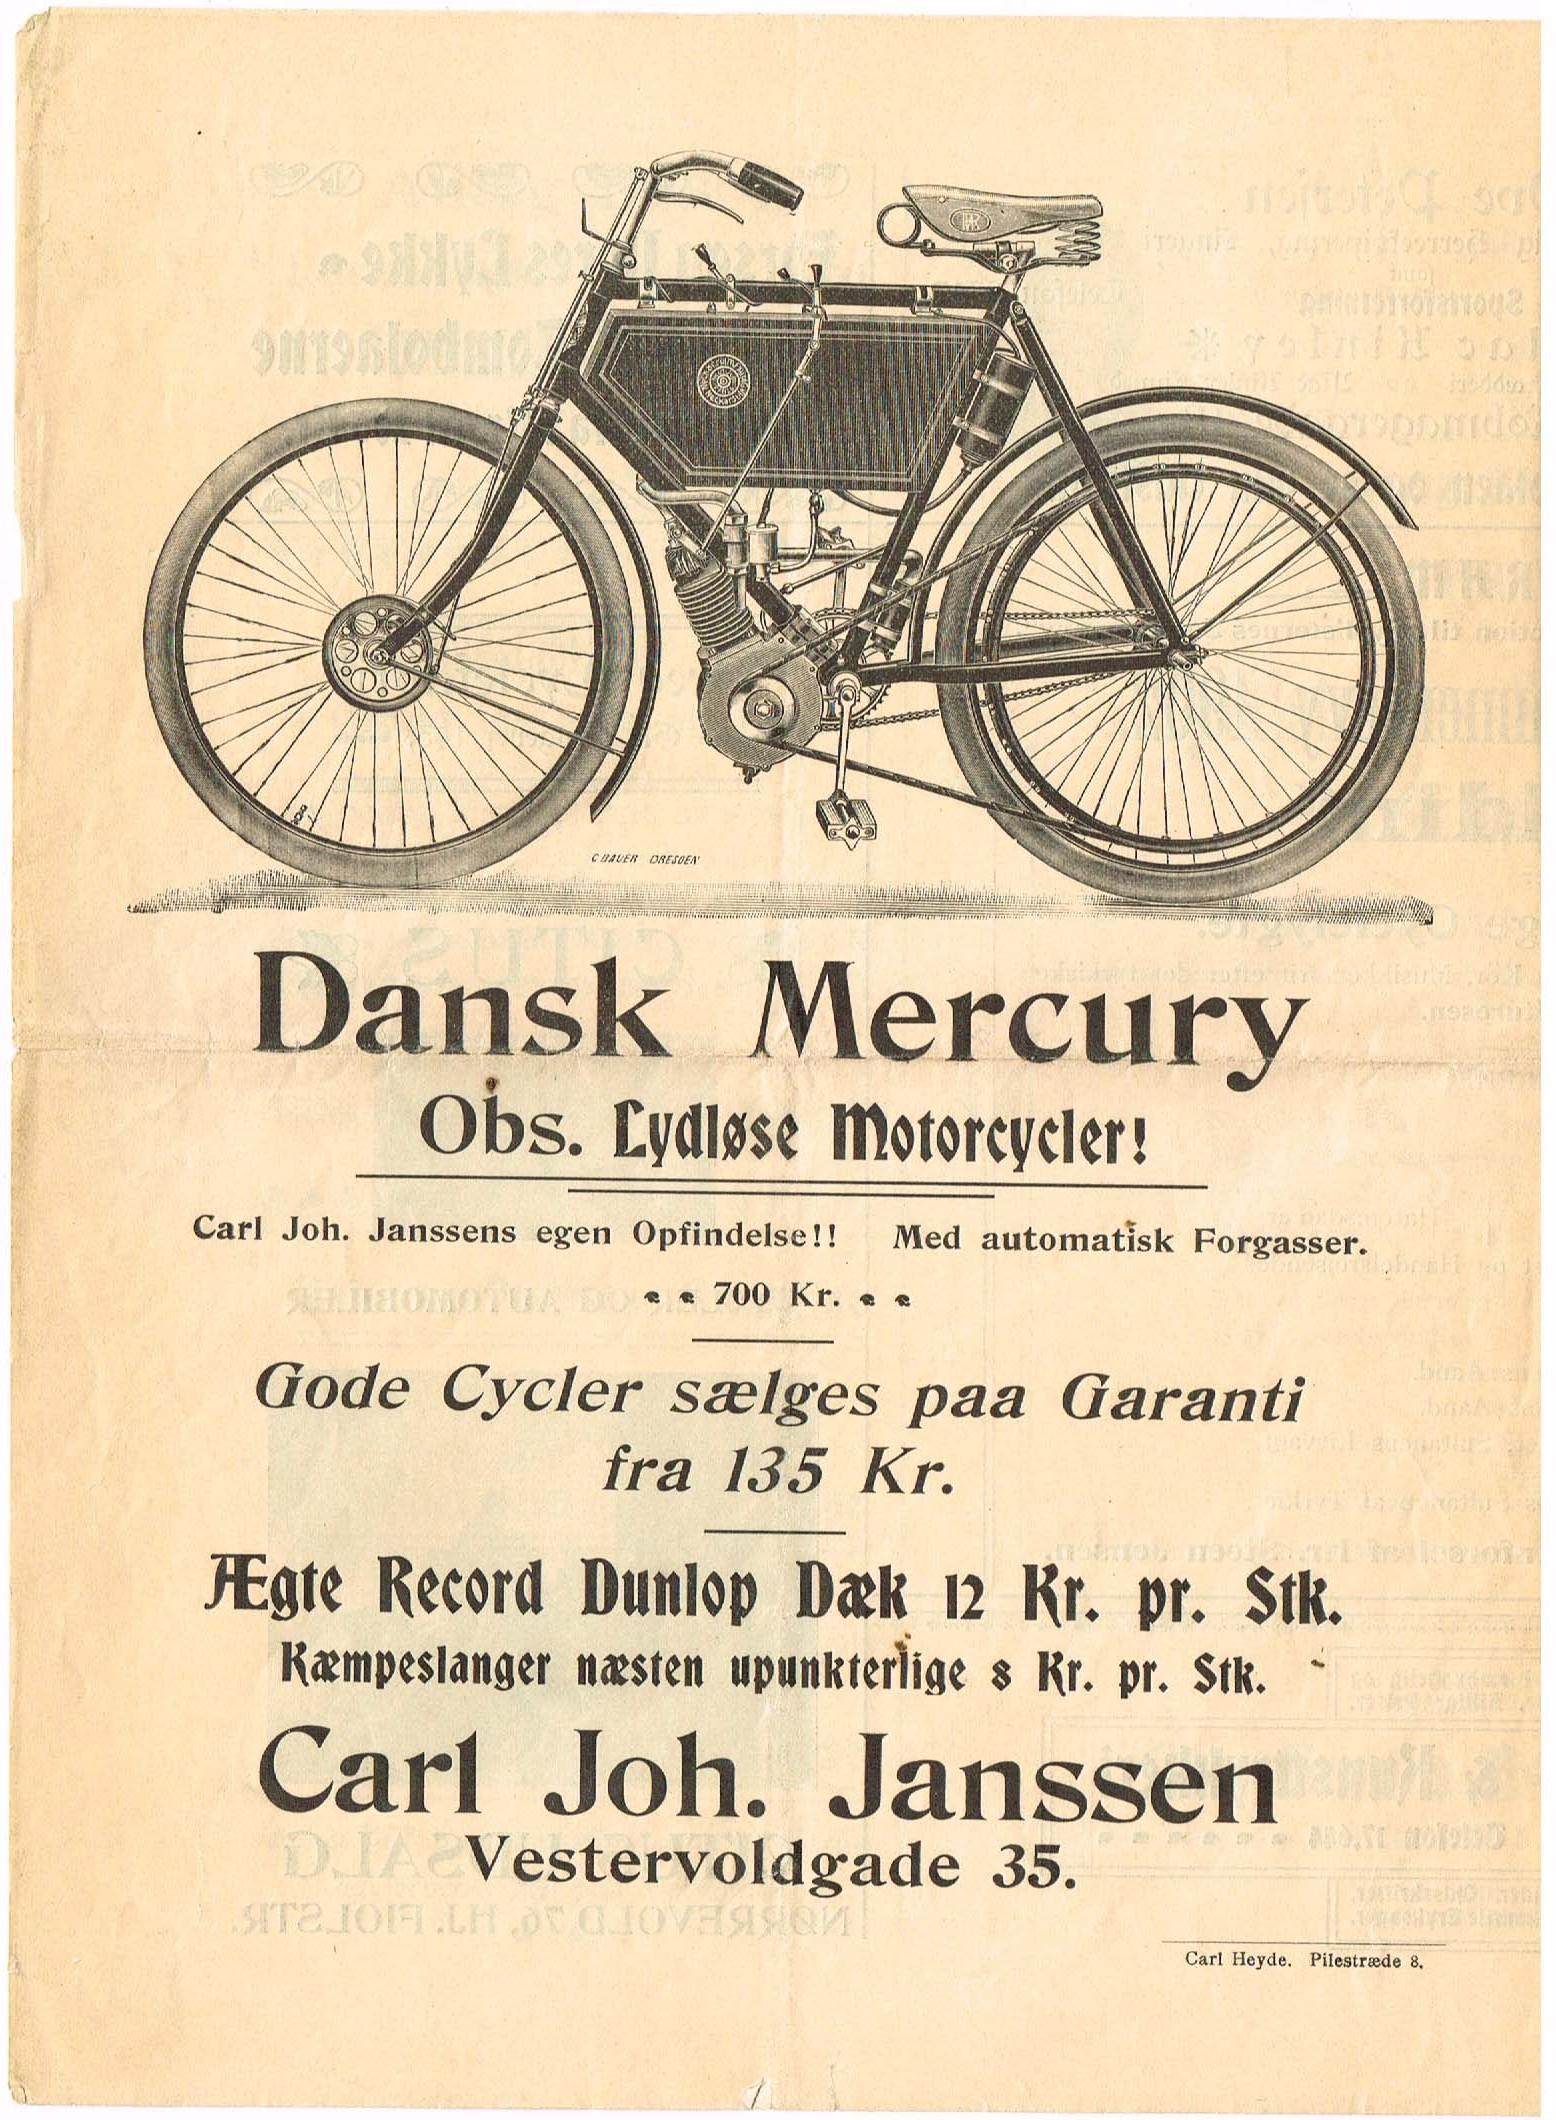 dansk mercury motorcykel